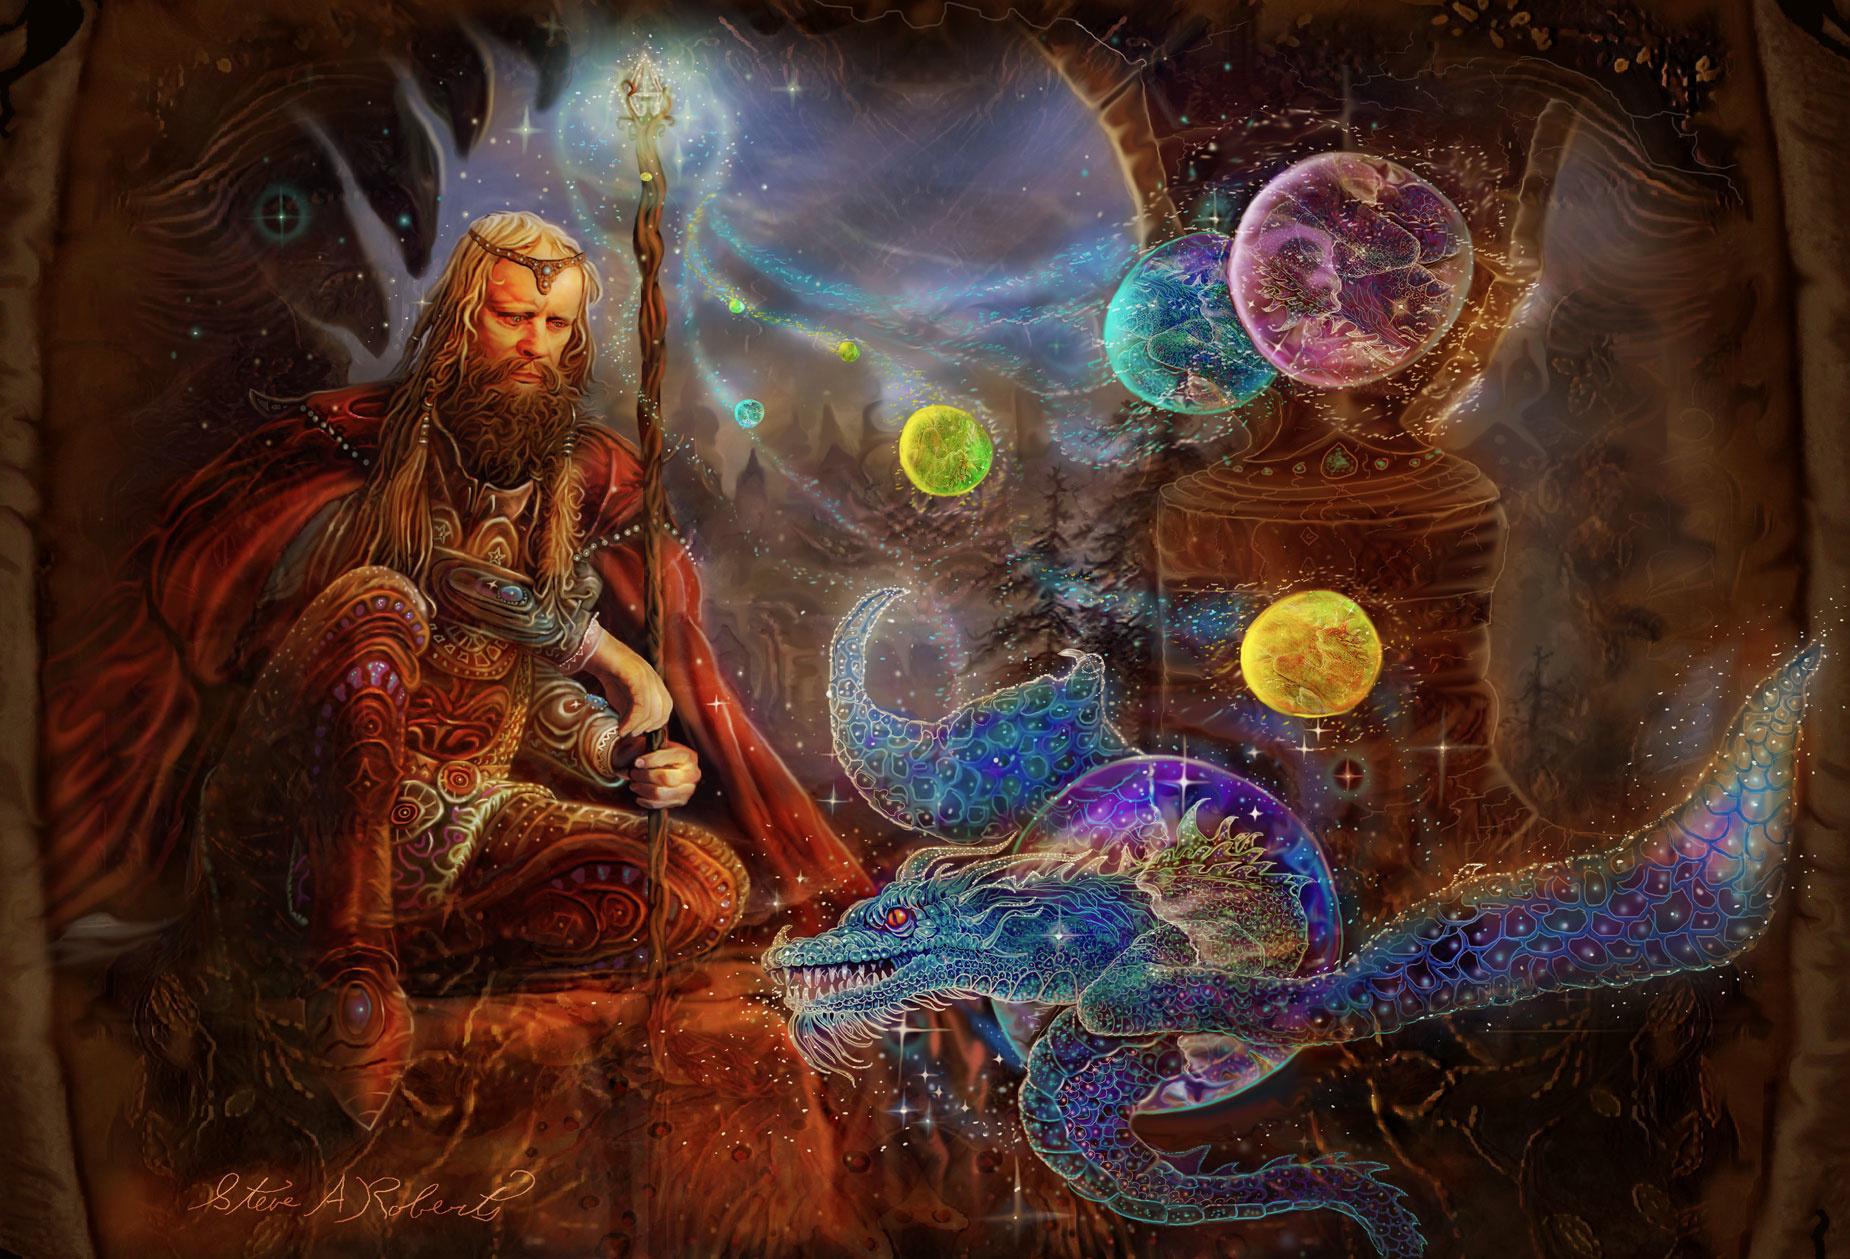 從文化的角度解讀:為何大多數西方魔幻背景作品中法師最強